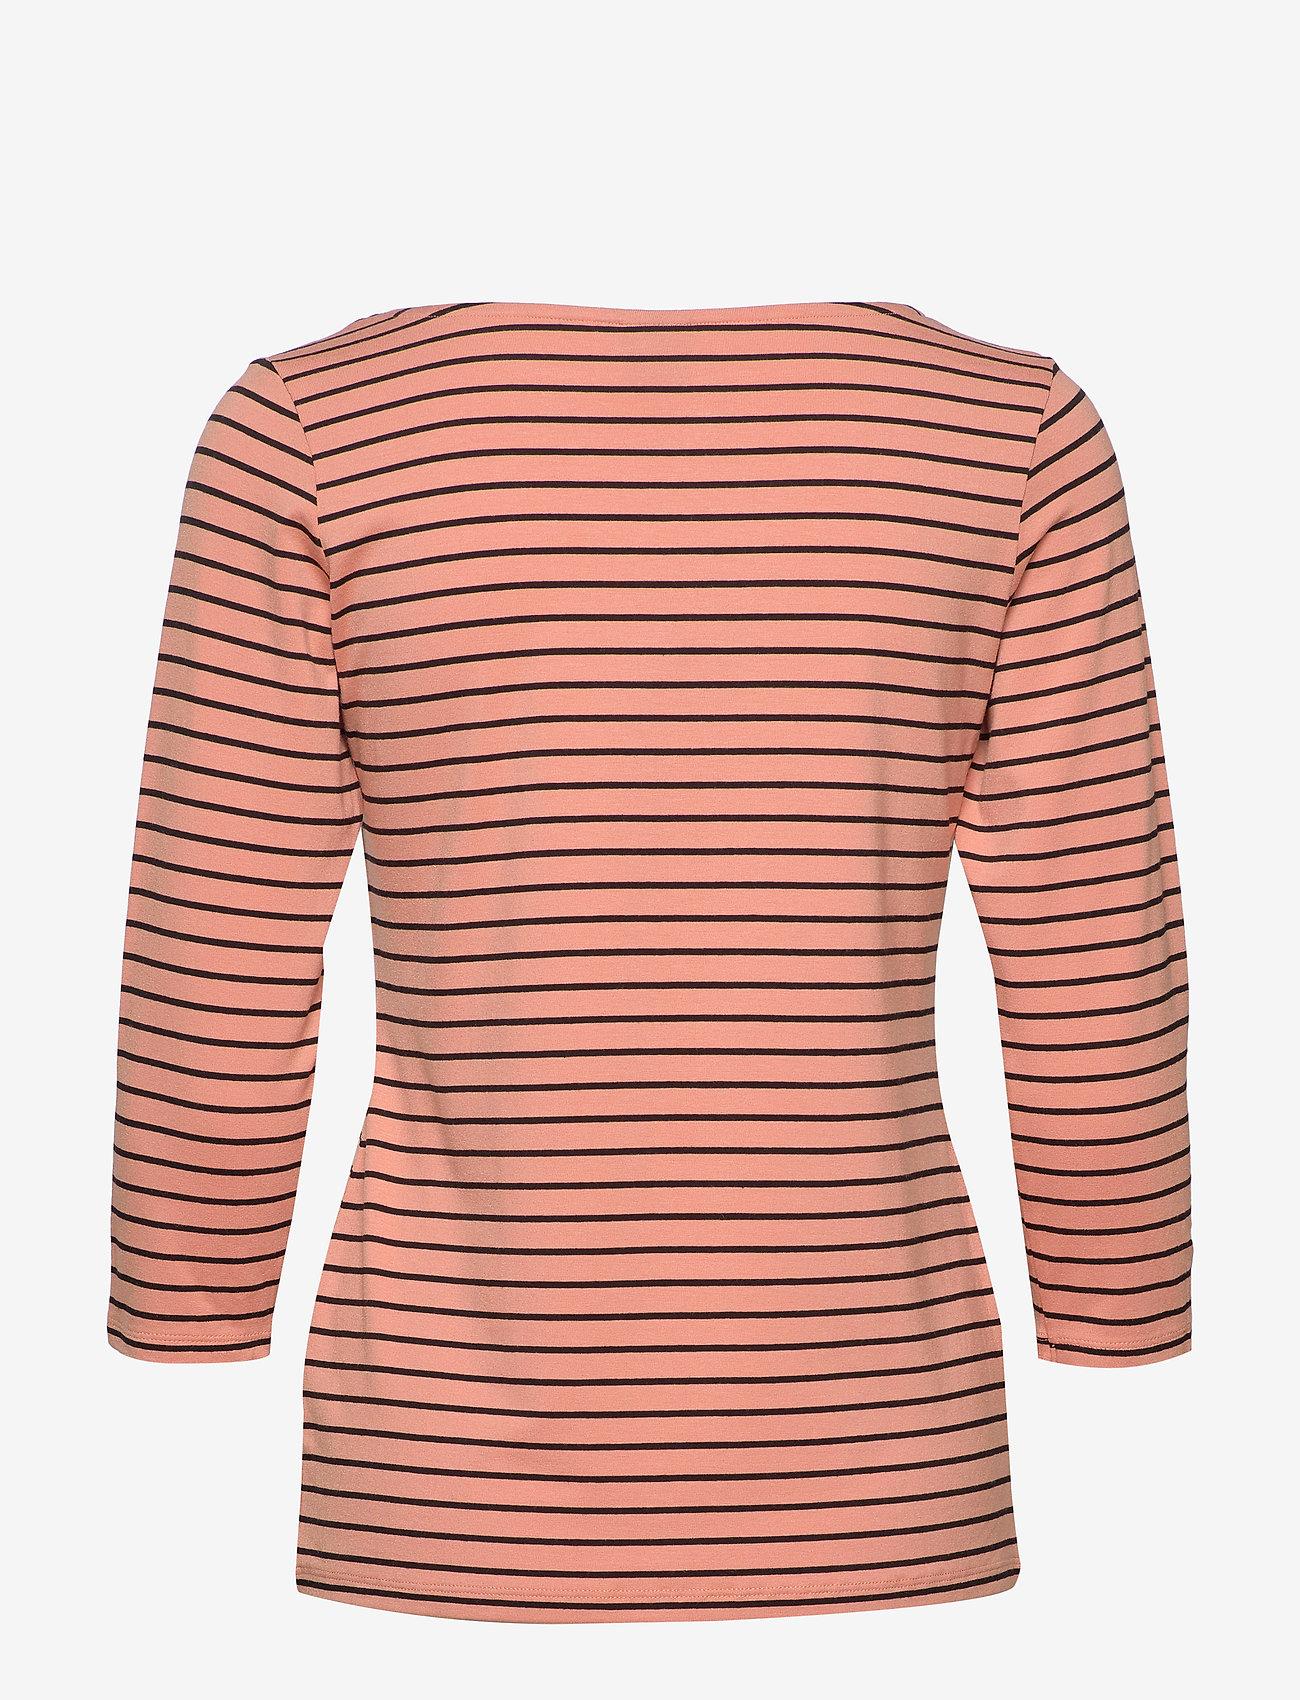 Nanso - Ladies blouse, Viiru - topy z długimi rękawami - orange - 1